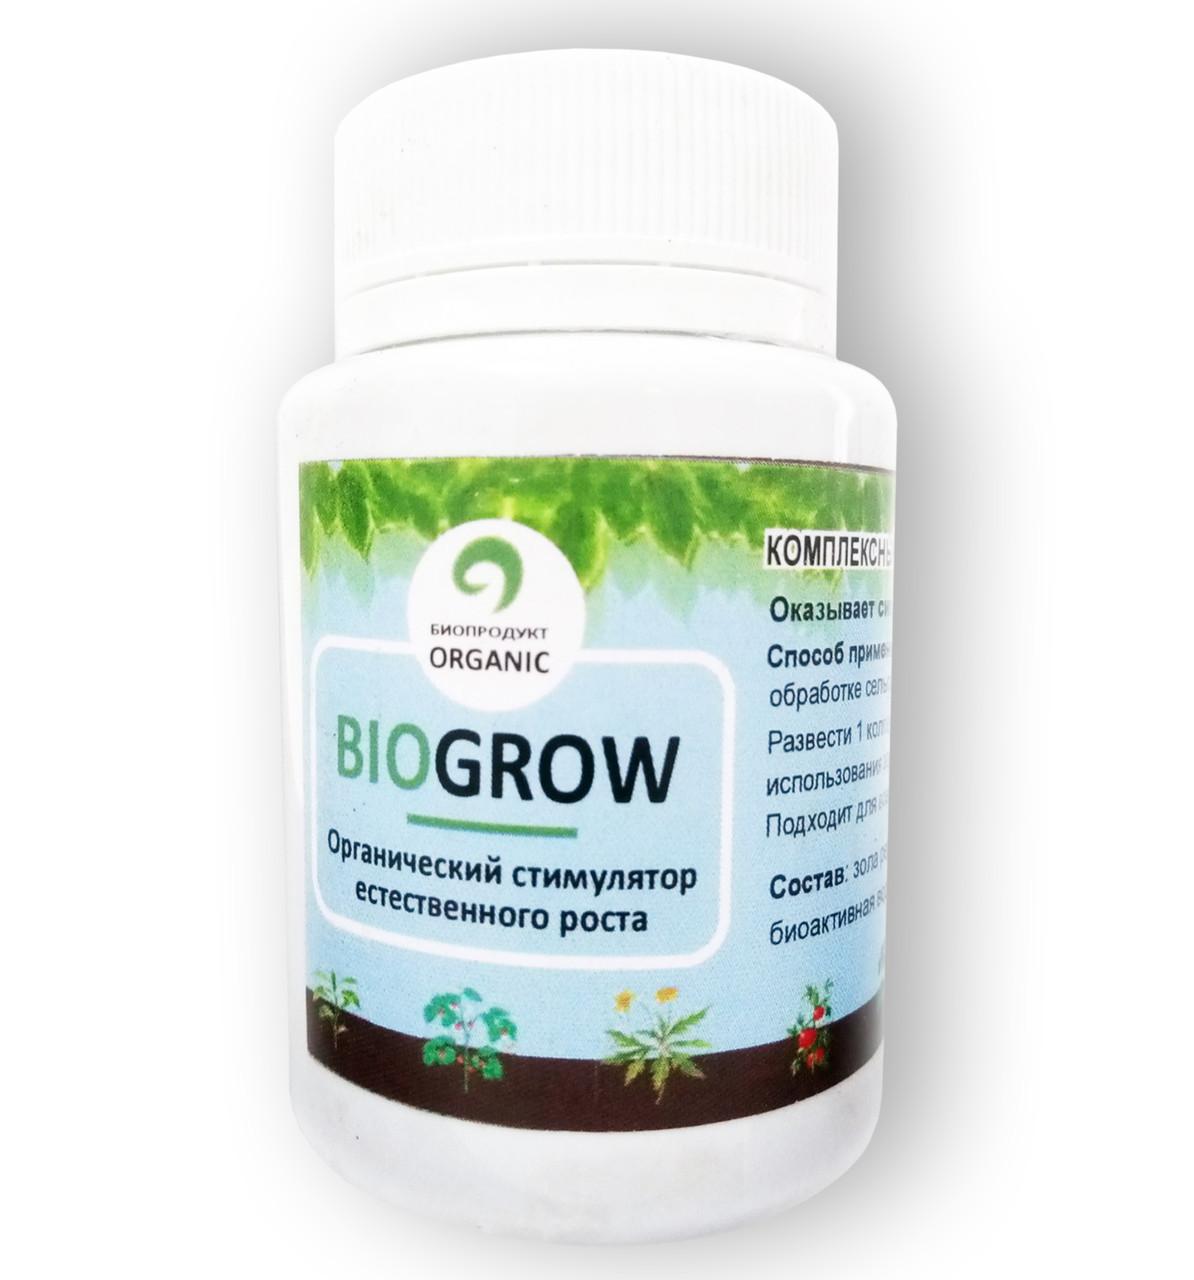 Biogrow (БиоГроу) - Биоактиватор для стимулирования растений ГРАНУЛЛИРОВАНЫЙ 56985